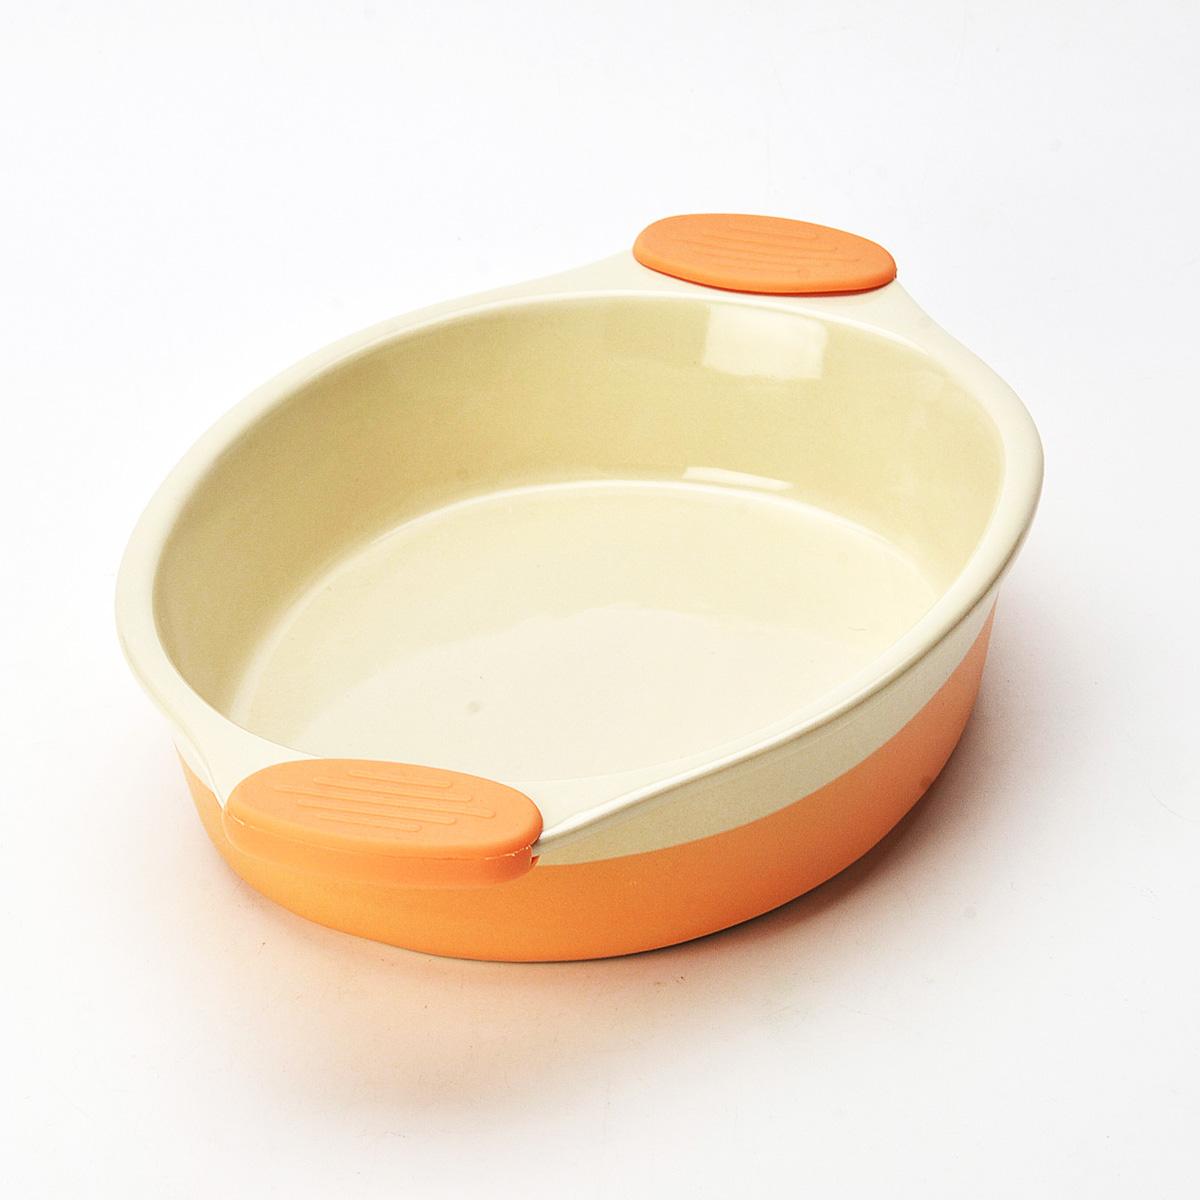 Форма для выпечки Mayer & Boch, овальная, цвет: оранжевый, 37 см х 24 см х 7 см21789Овальная форма для выпечки Mayer & Boch изготовлена из керамики с внутренним и внешним покрытием цветной глазурью. Керамическая посуда считается не только изысканной, но еще и полезной. Керамика не содержит вредных примесей ПФОК, что способствует здоровому и экологичному приготовлению пищи. Форма идеально подходит для приготовления пирогов, запеканок и других блюд, поскольку тепло распределяется равномерно. Изделие дополняют термостойкие ручки из силикона, которые позволяют не использовать прихватки. Подходит для использования в духовом шкафу. Не подходит для СВЧ-печей. Рекомендуется ручная чистка. Наслаждайтесь приготовлением пищи в вашей формой для выпечки. Высота стенки: 6,5 см. Толщина стенки: 6-7 мм. Толщина дна: 6-7 мм. Размер формы (с учетом ручек): 37 см х 24 см х 7 см. Размер формы (без учета ручек): 27 см х 20,5 см х 6,2 см.